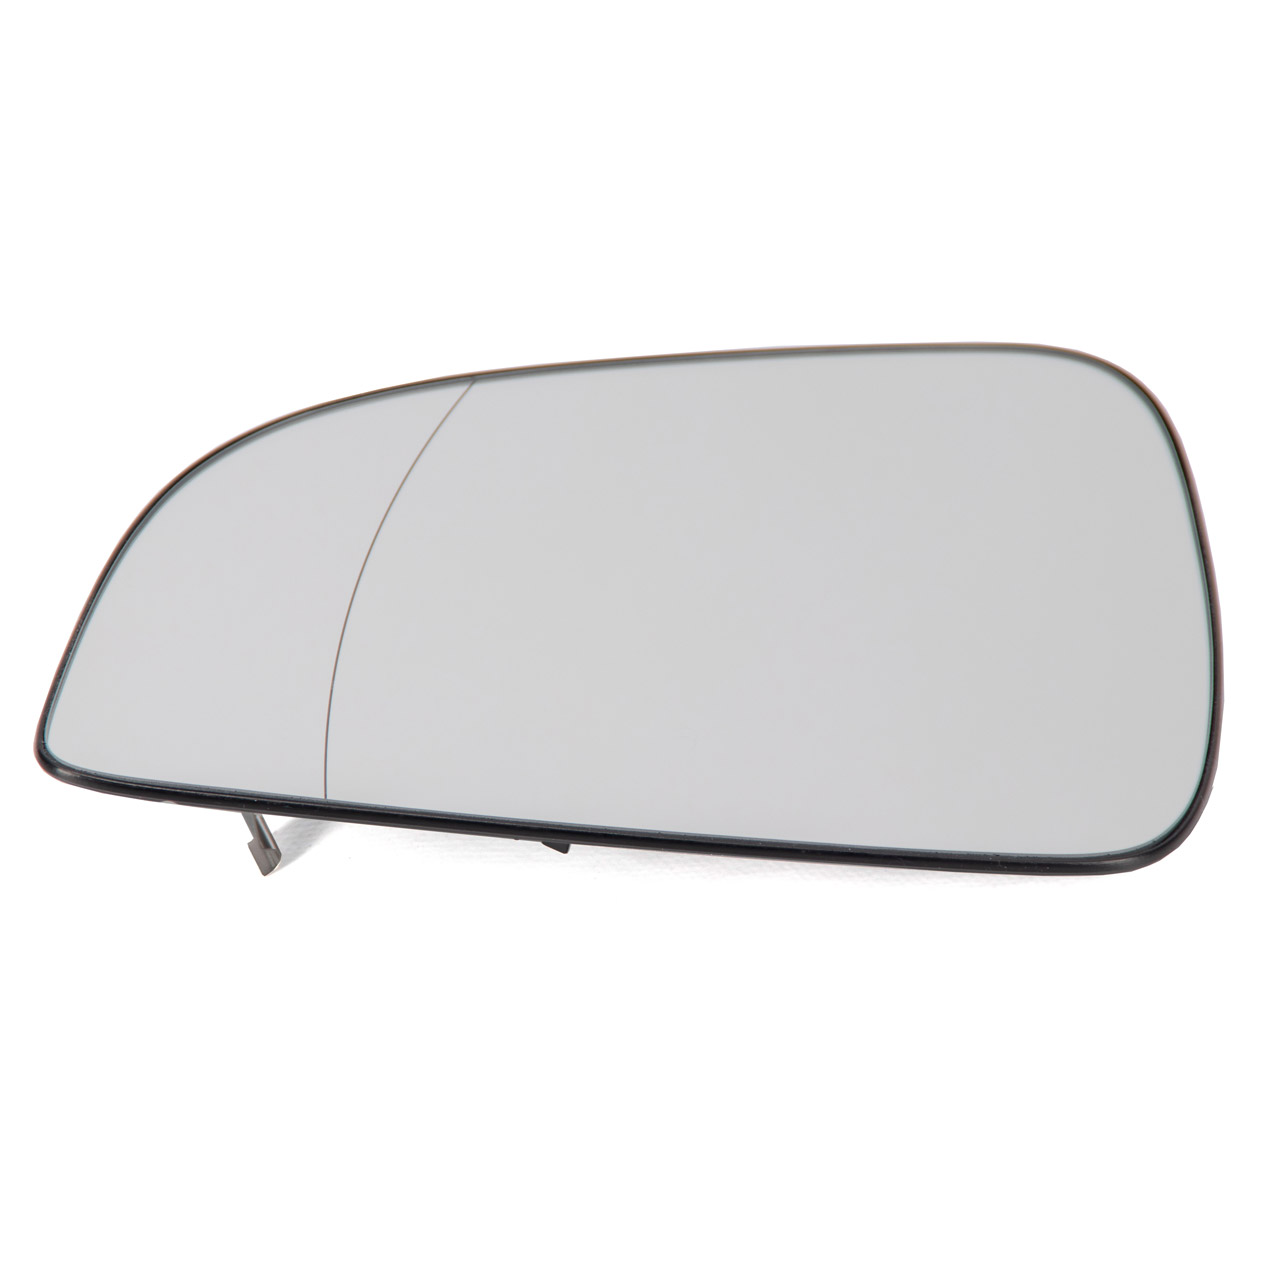 Außenspiegel Spiegelglas beheizbar asphärisch OPEL Astra H links 13300626